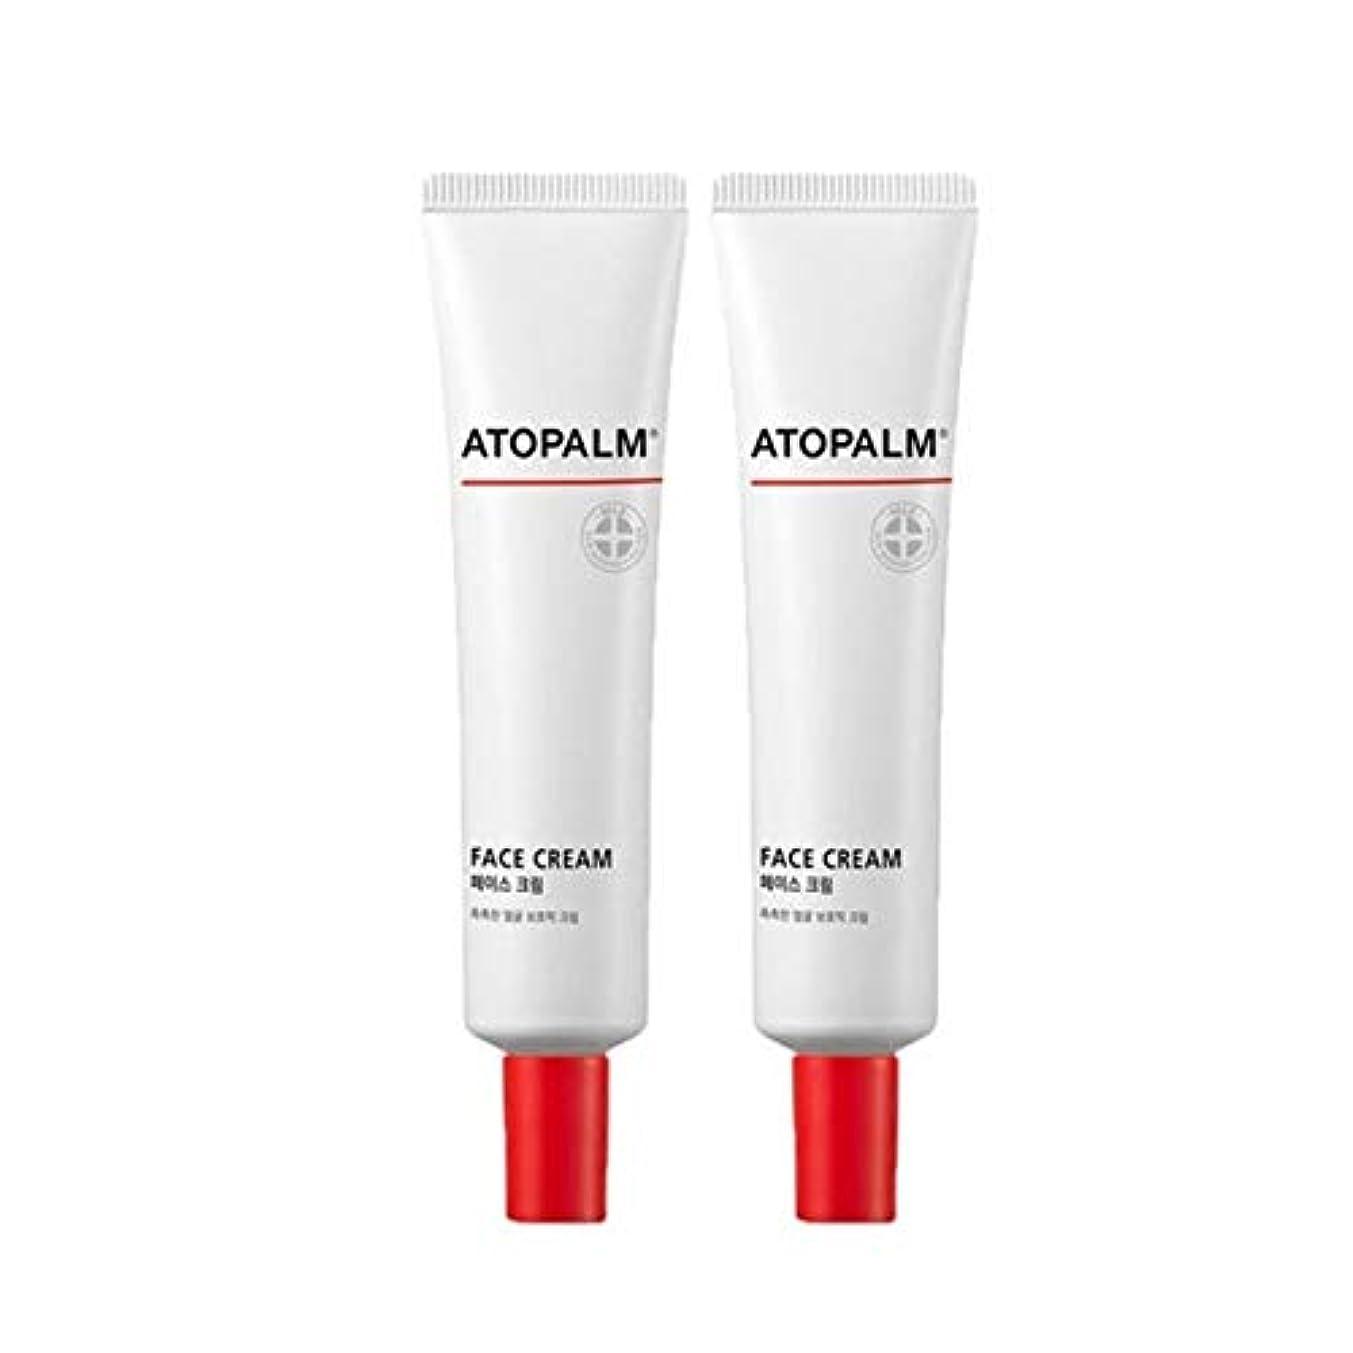 臨検ブレス強度アトパムフェイスクリーム35mlx2本セット韓国コスメ、Atopalm Face Cream 35ml x 2ea Set Korean Cosmetics [並行輸入品]